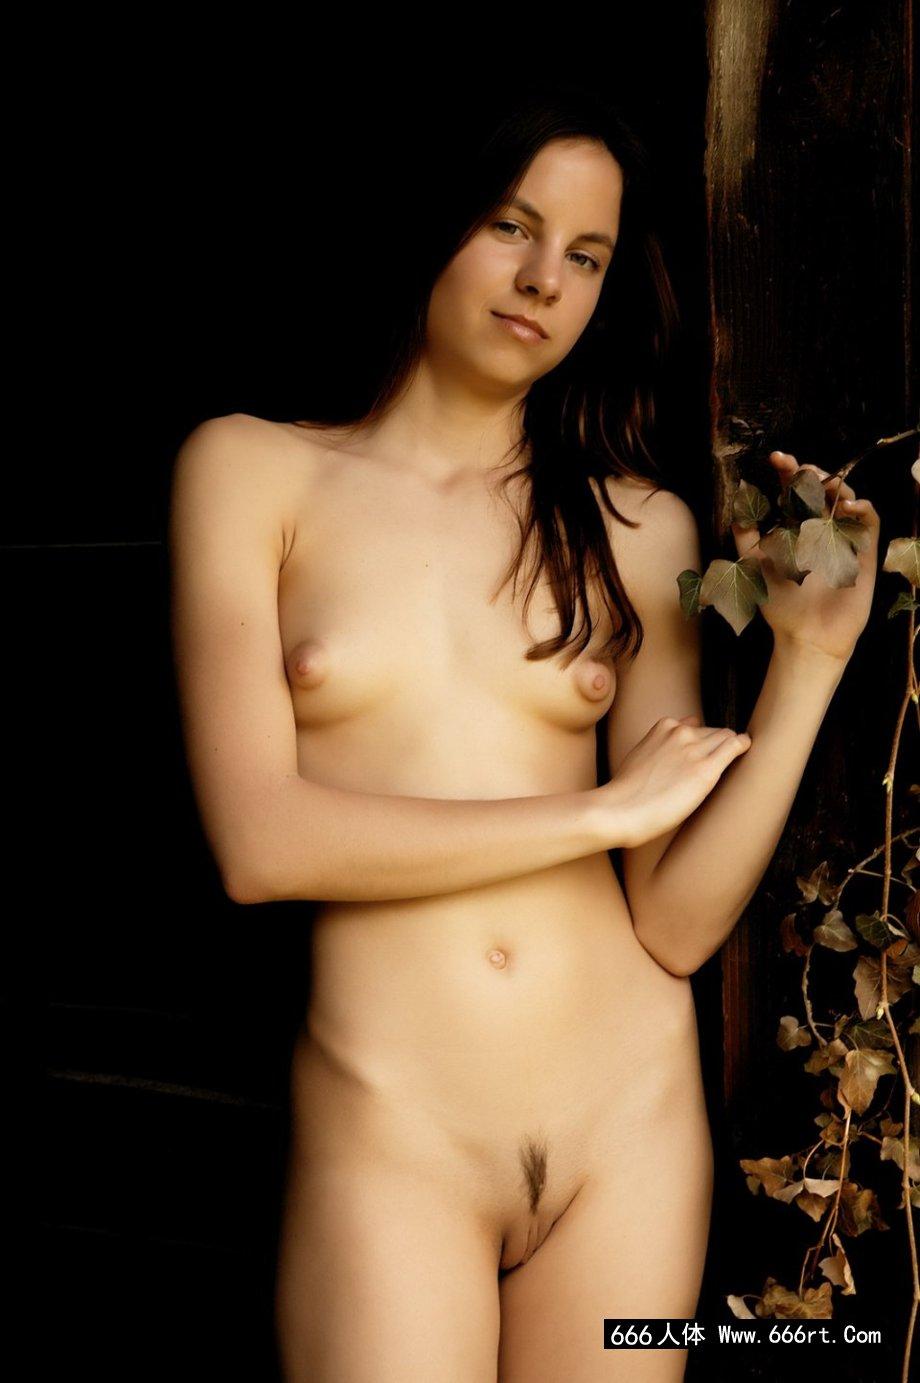 西班牙年轻模特Alt小木屋门外写真